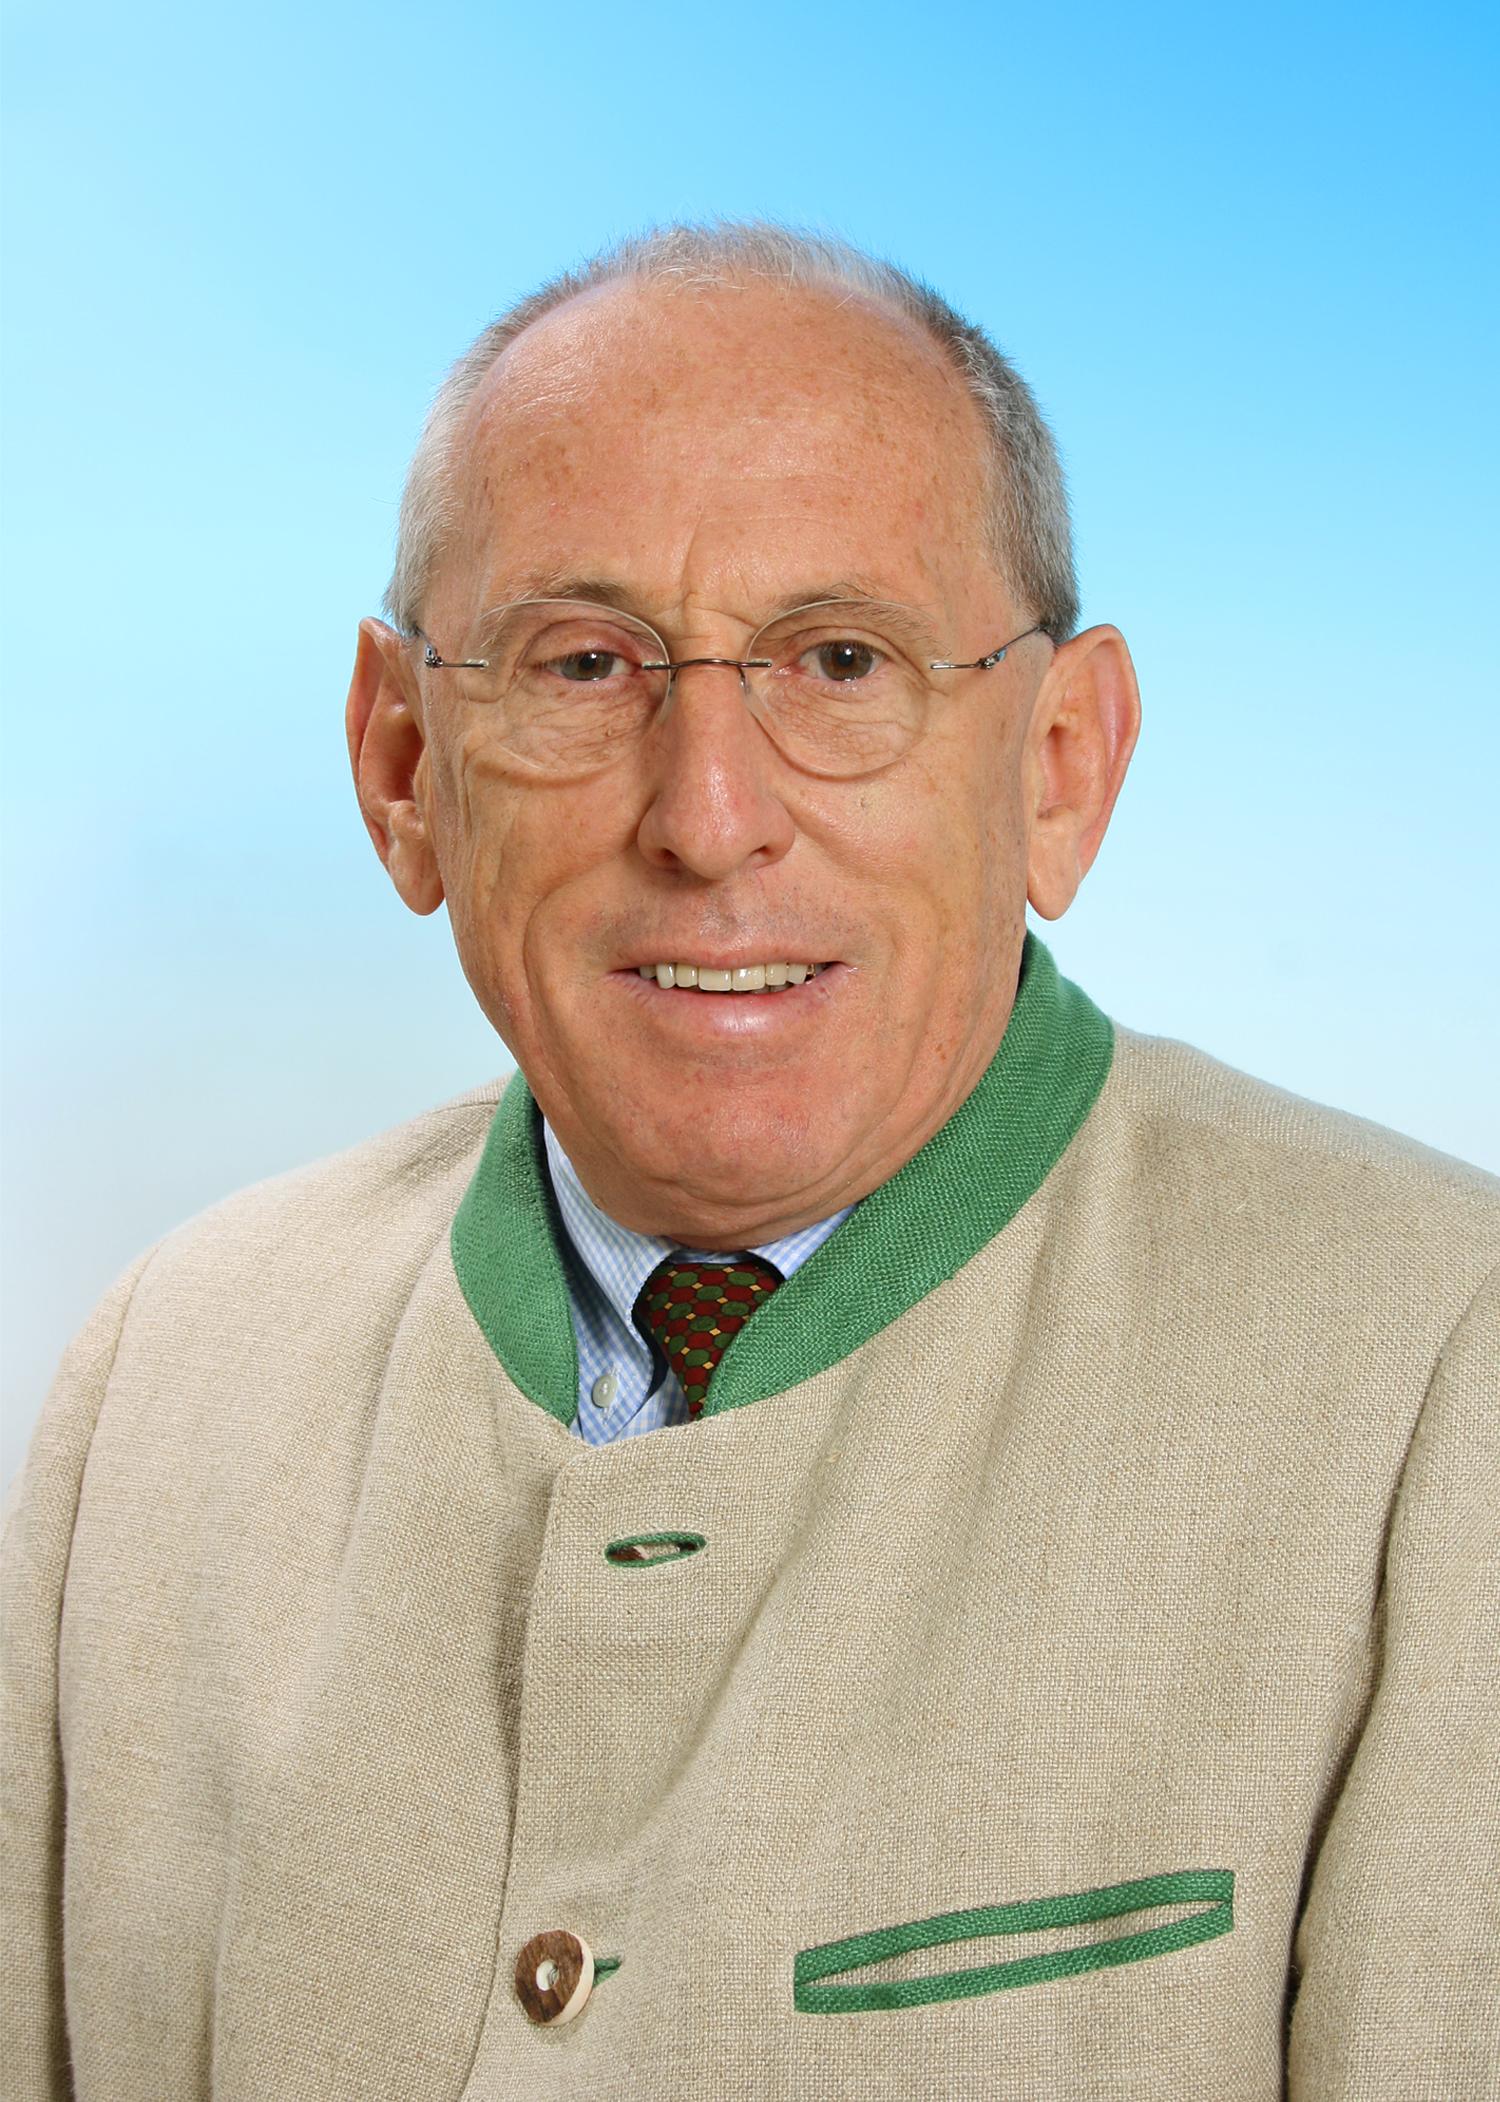 DI. Wolfgang Hoessl